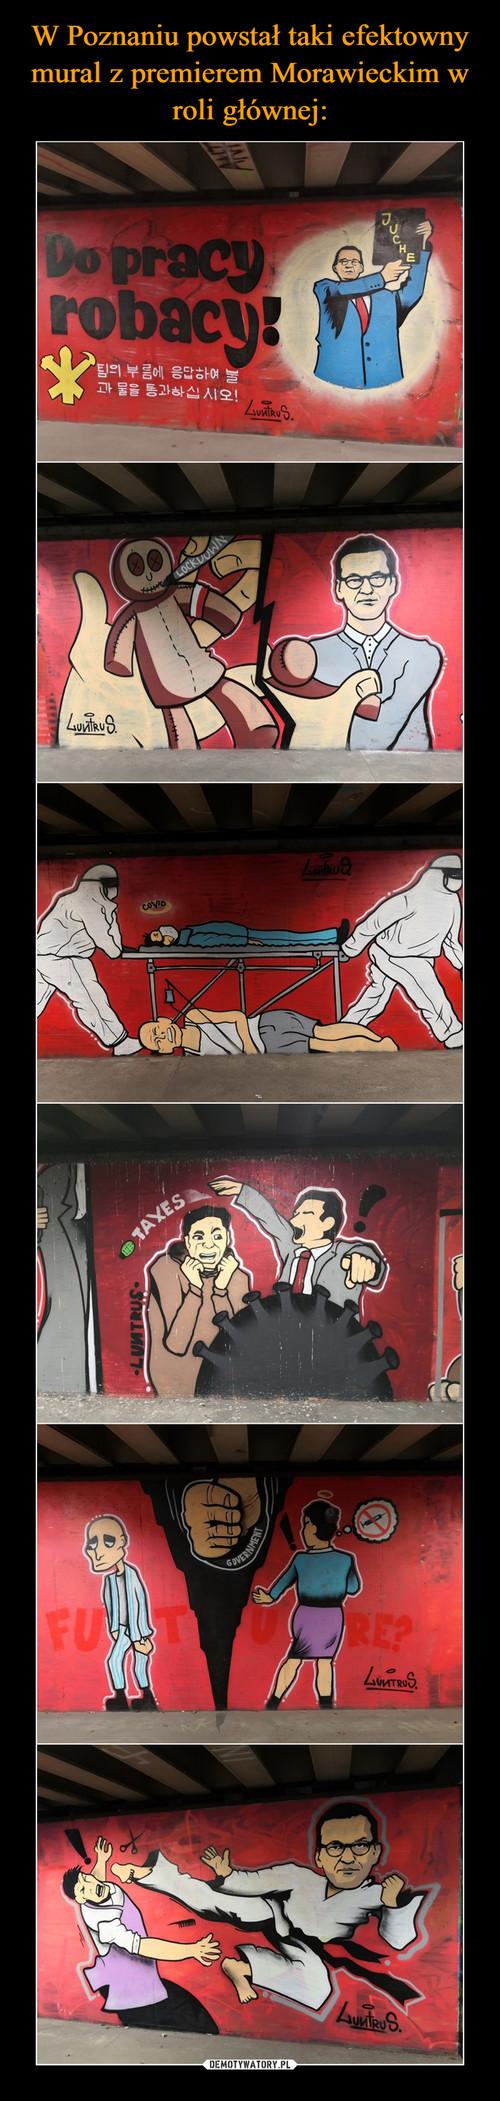 W Poznaniu powstał taki efektowny mural z premierem Morawieckim w roli głównej: